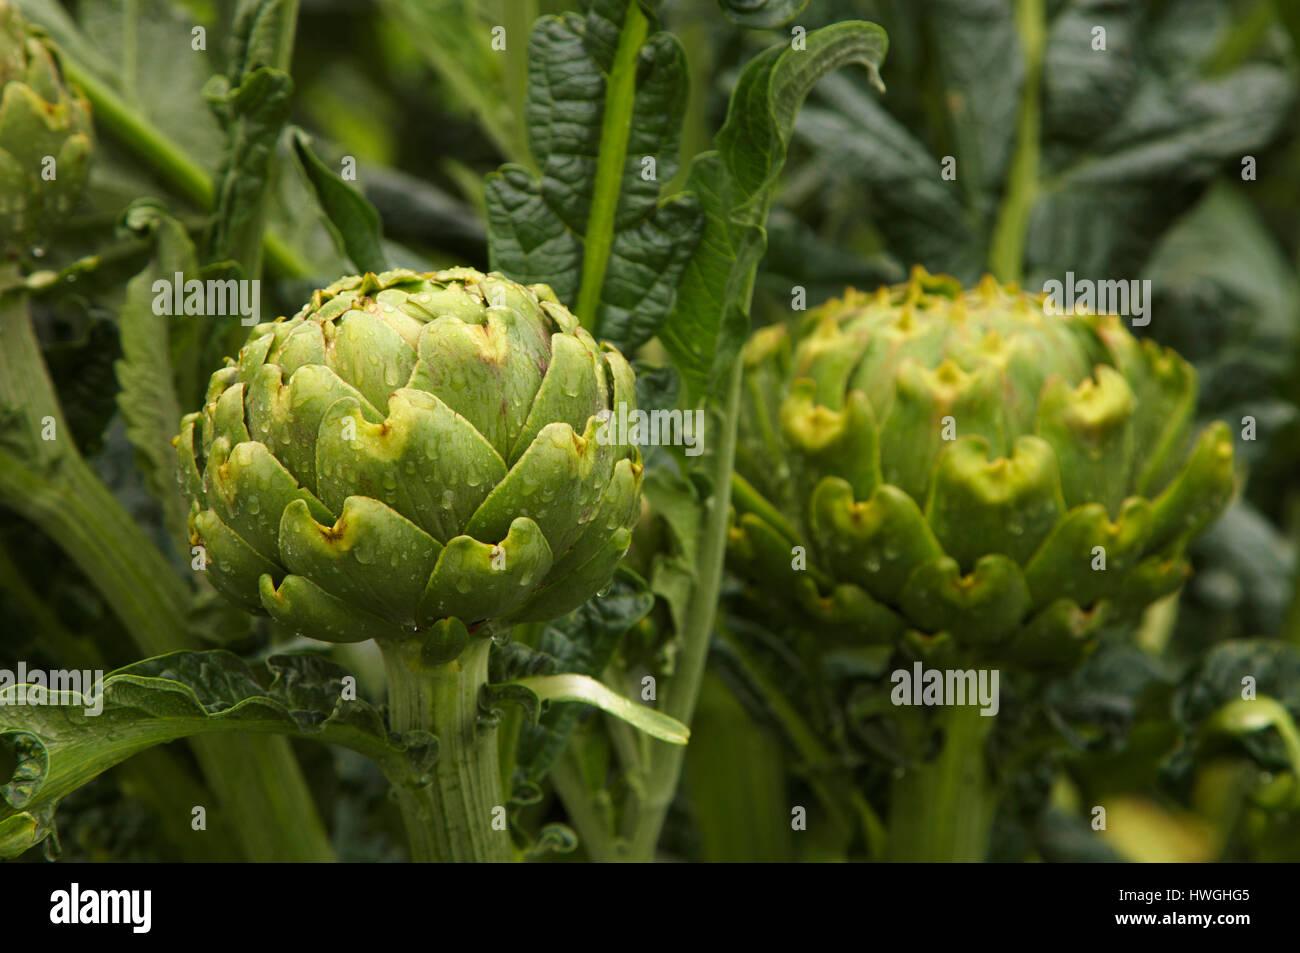 Verde brillante alcachofas crecen en parche vegatable Cynara cardunculus Imagen De Stock